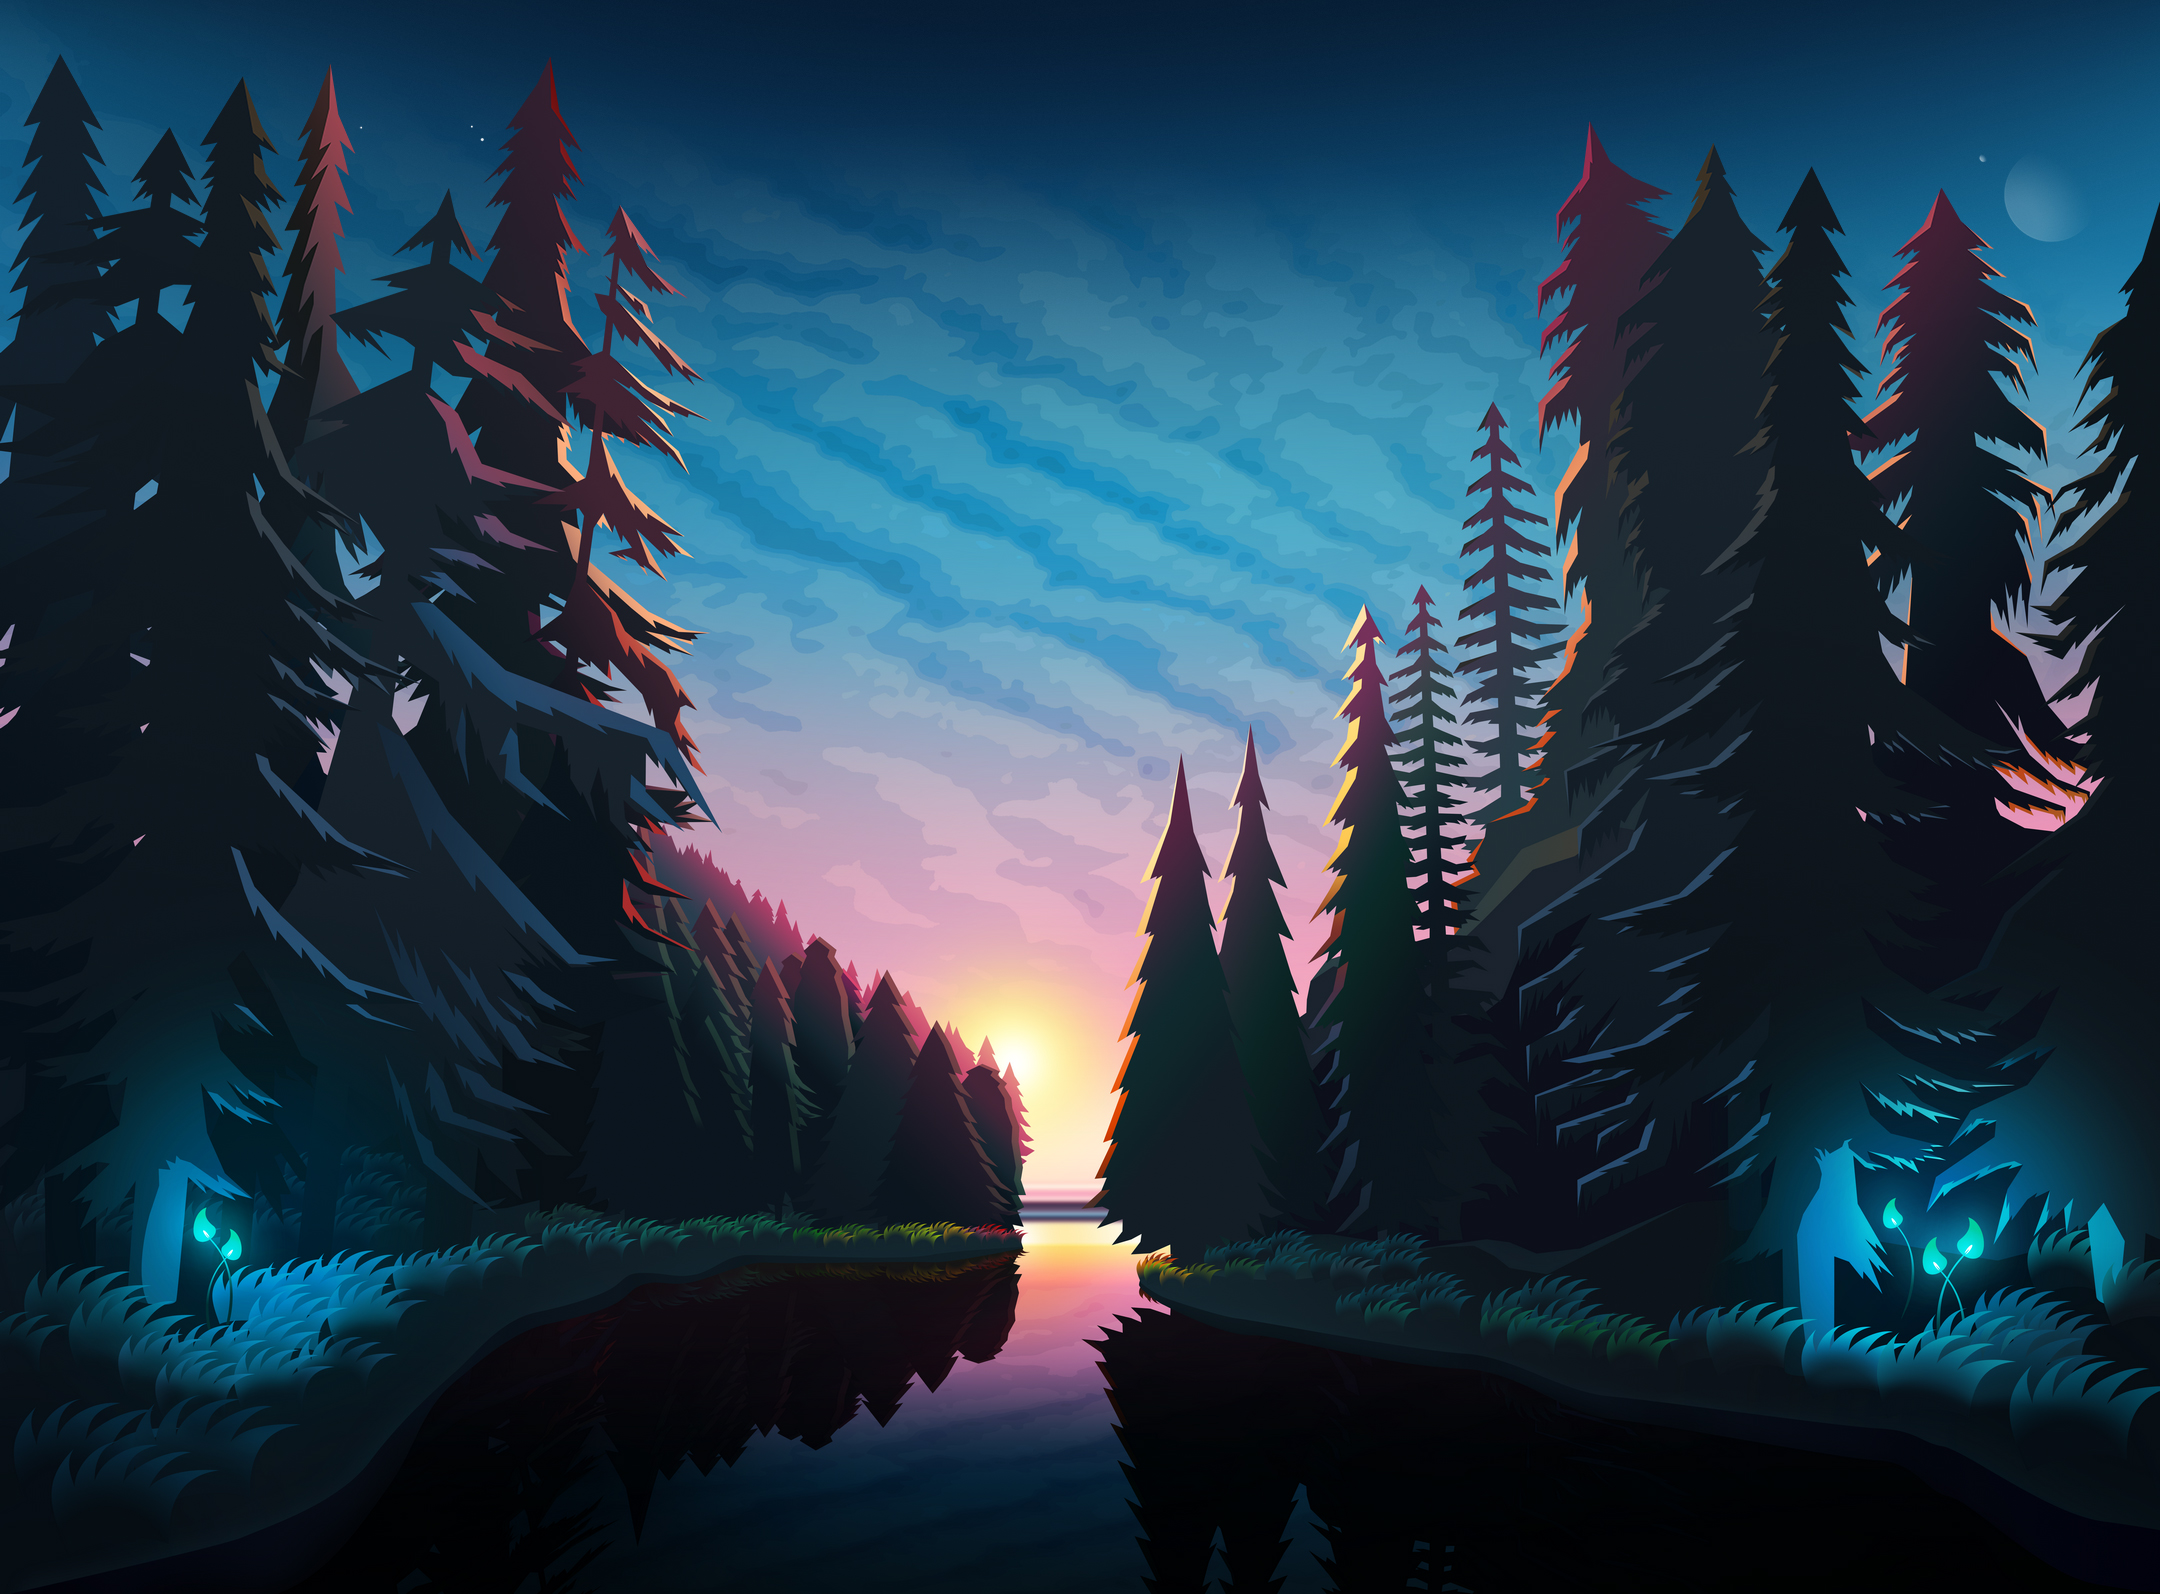 Sundown Landscape Minimalist, HD Artist, 4k Wallpapers ...